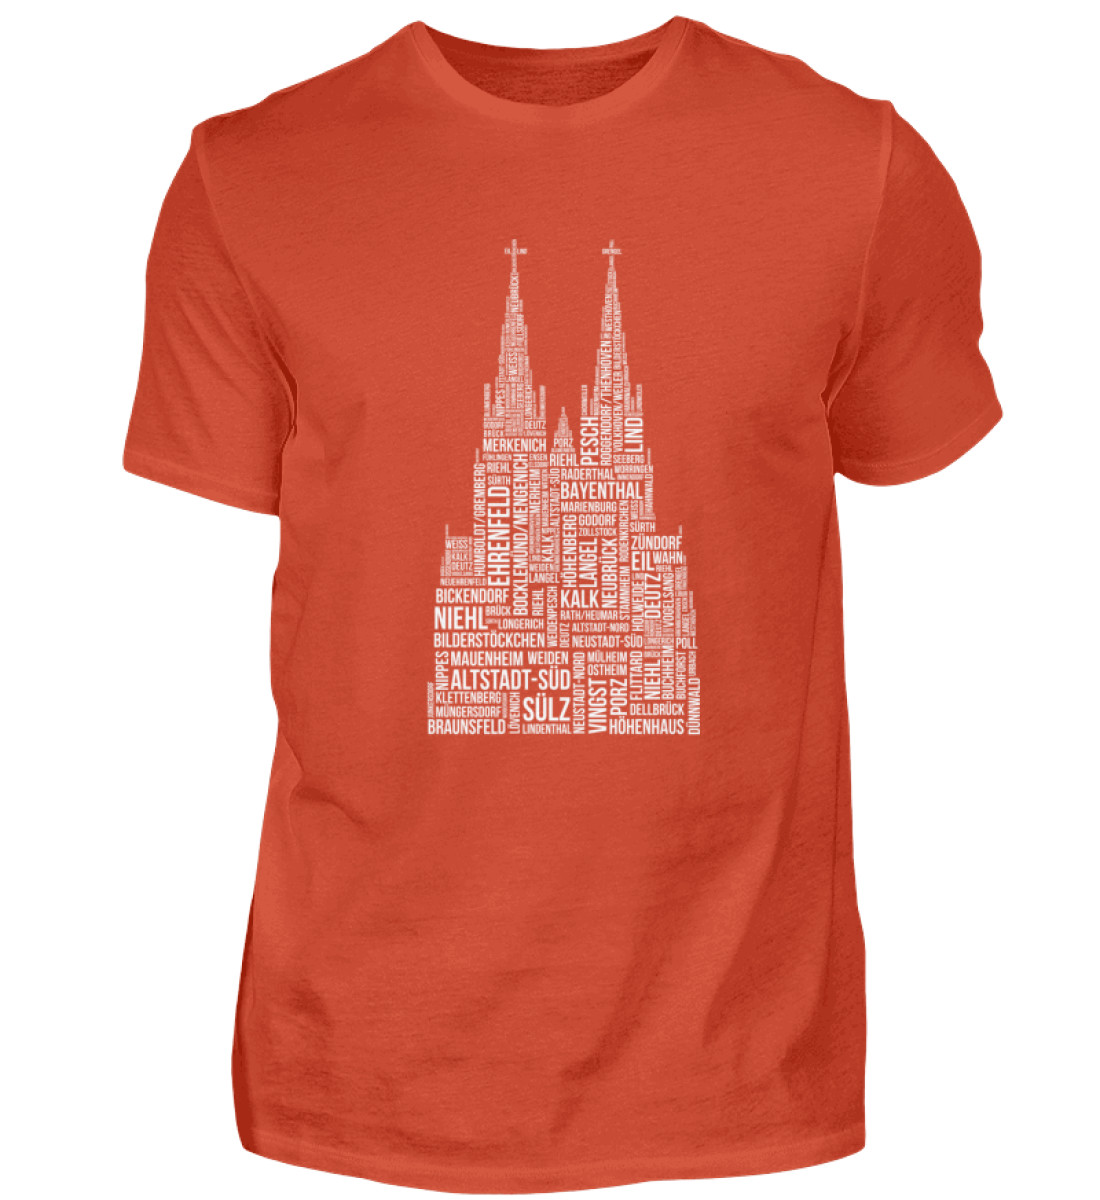 86 Veedel weiß T-Shirt - Herren - Herren Shirt-1236